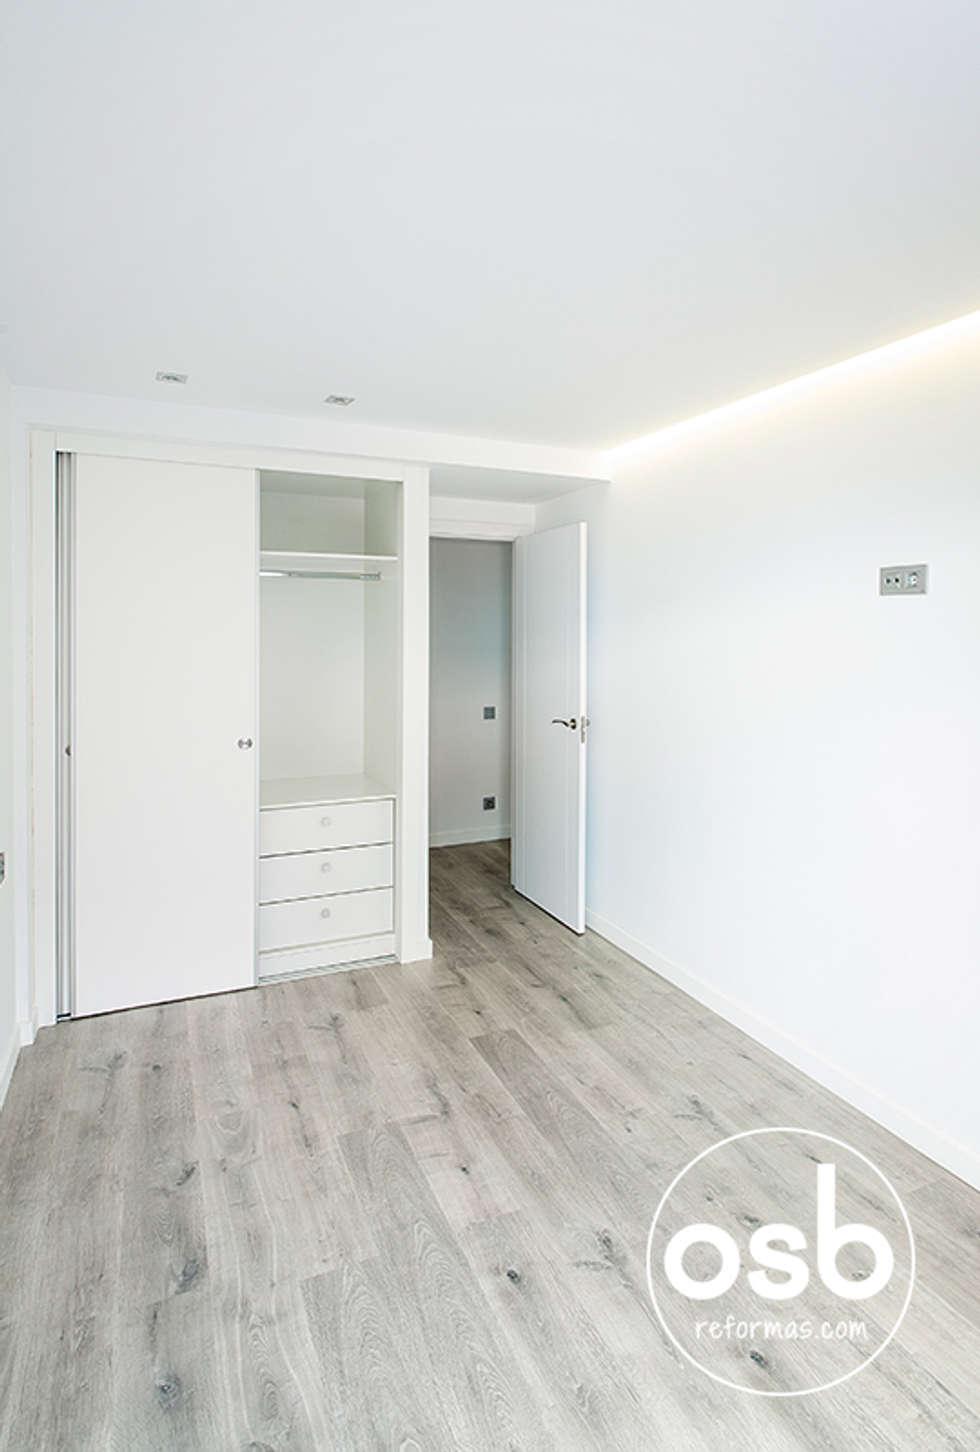 Fotos de decora o design de interiores e remodela es - Osb reformas ...